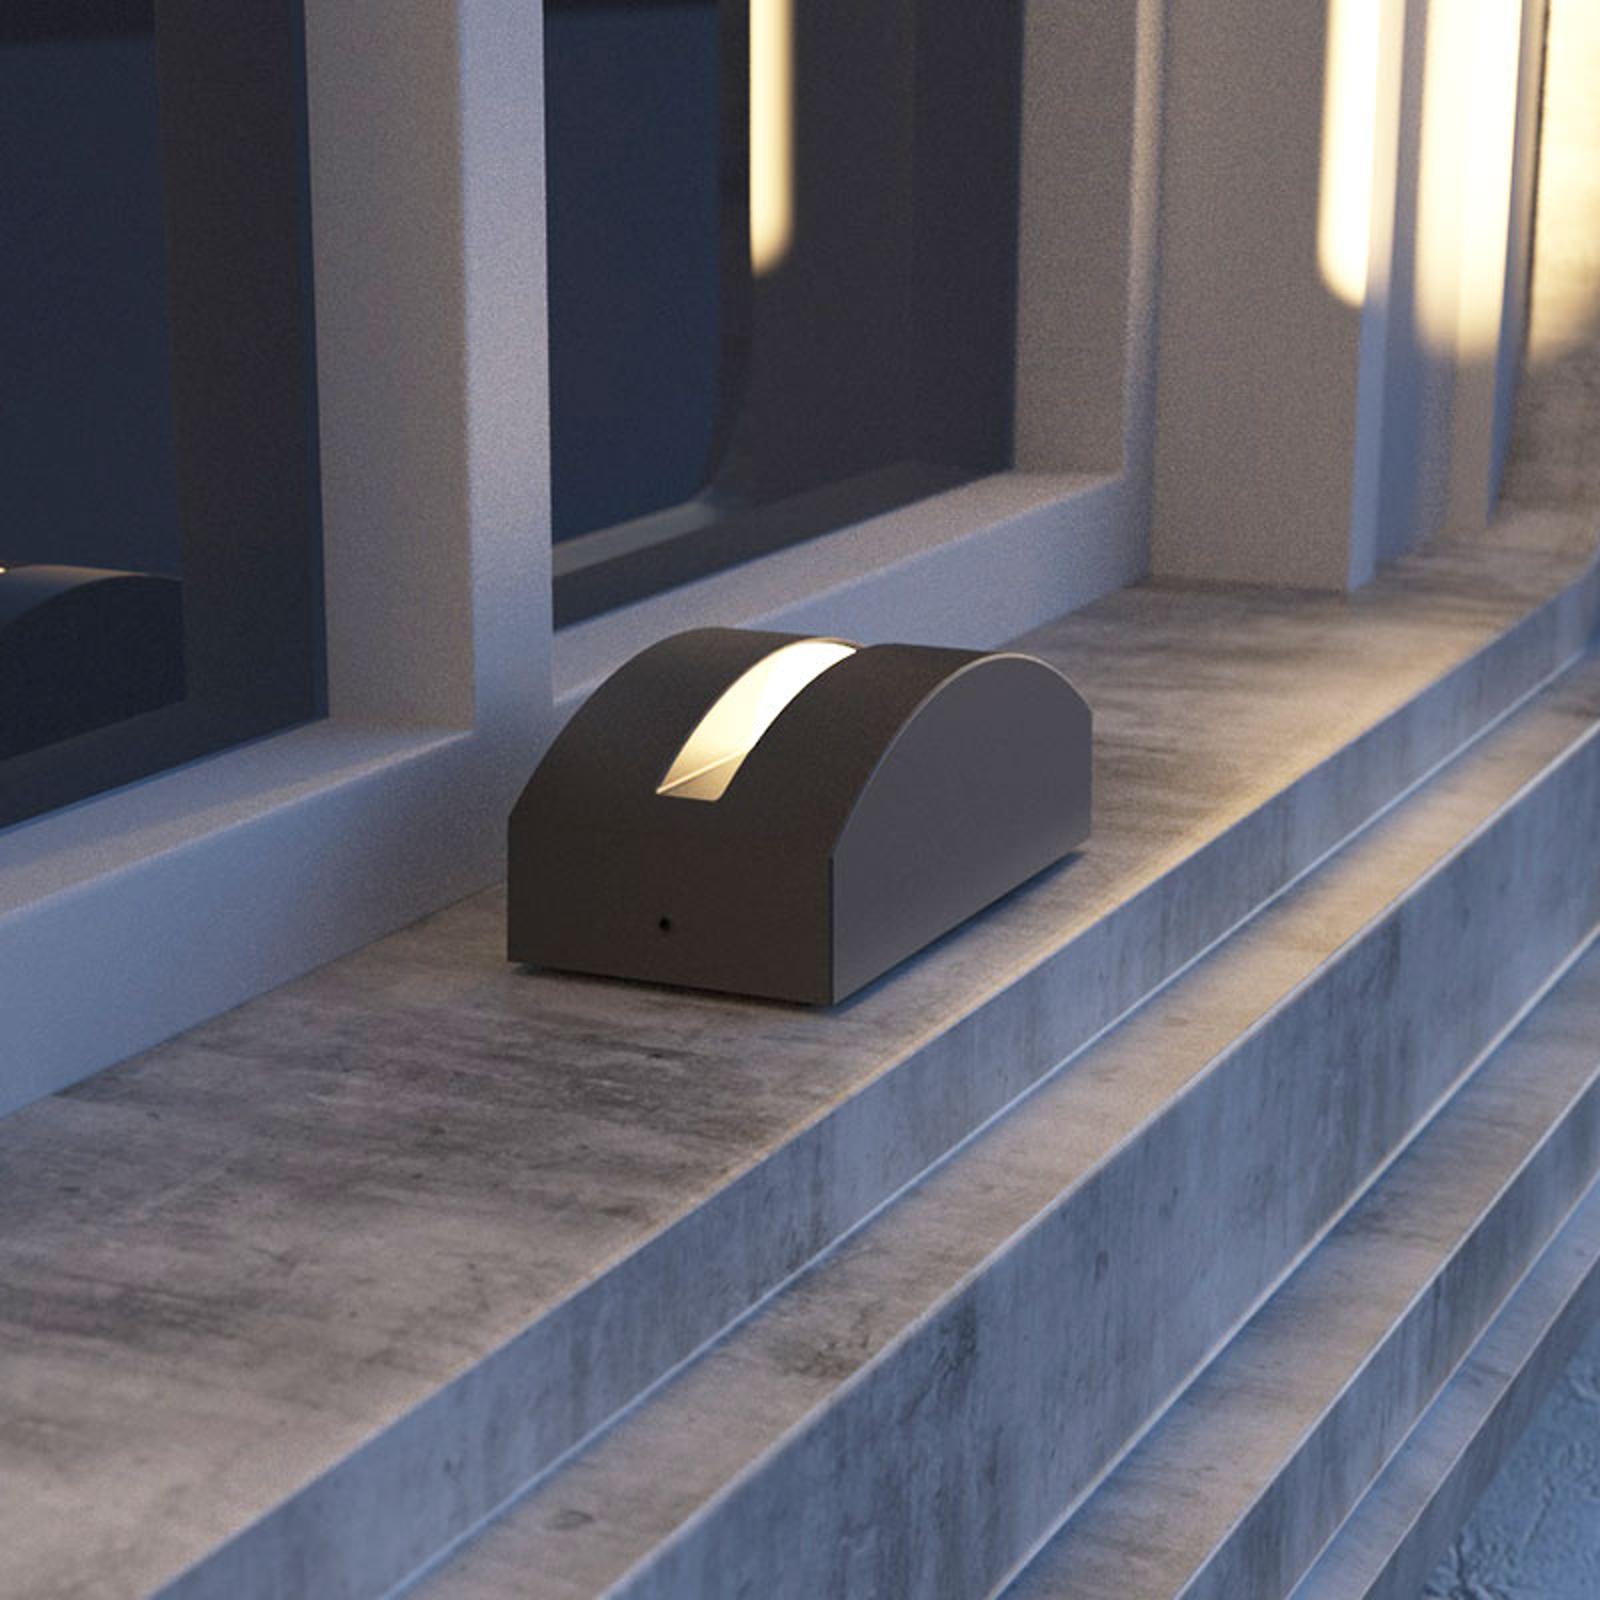 LED-Außenleuchte Marka, Aluminium dunkelgrau